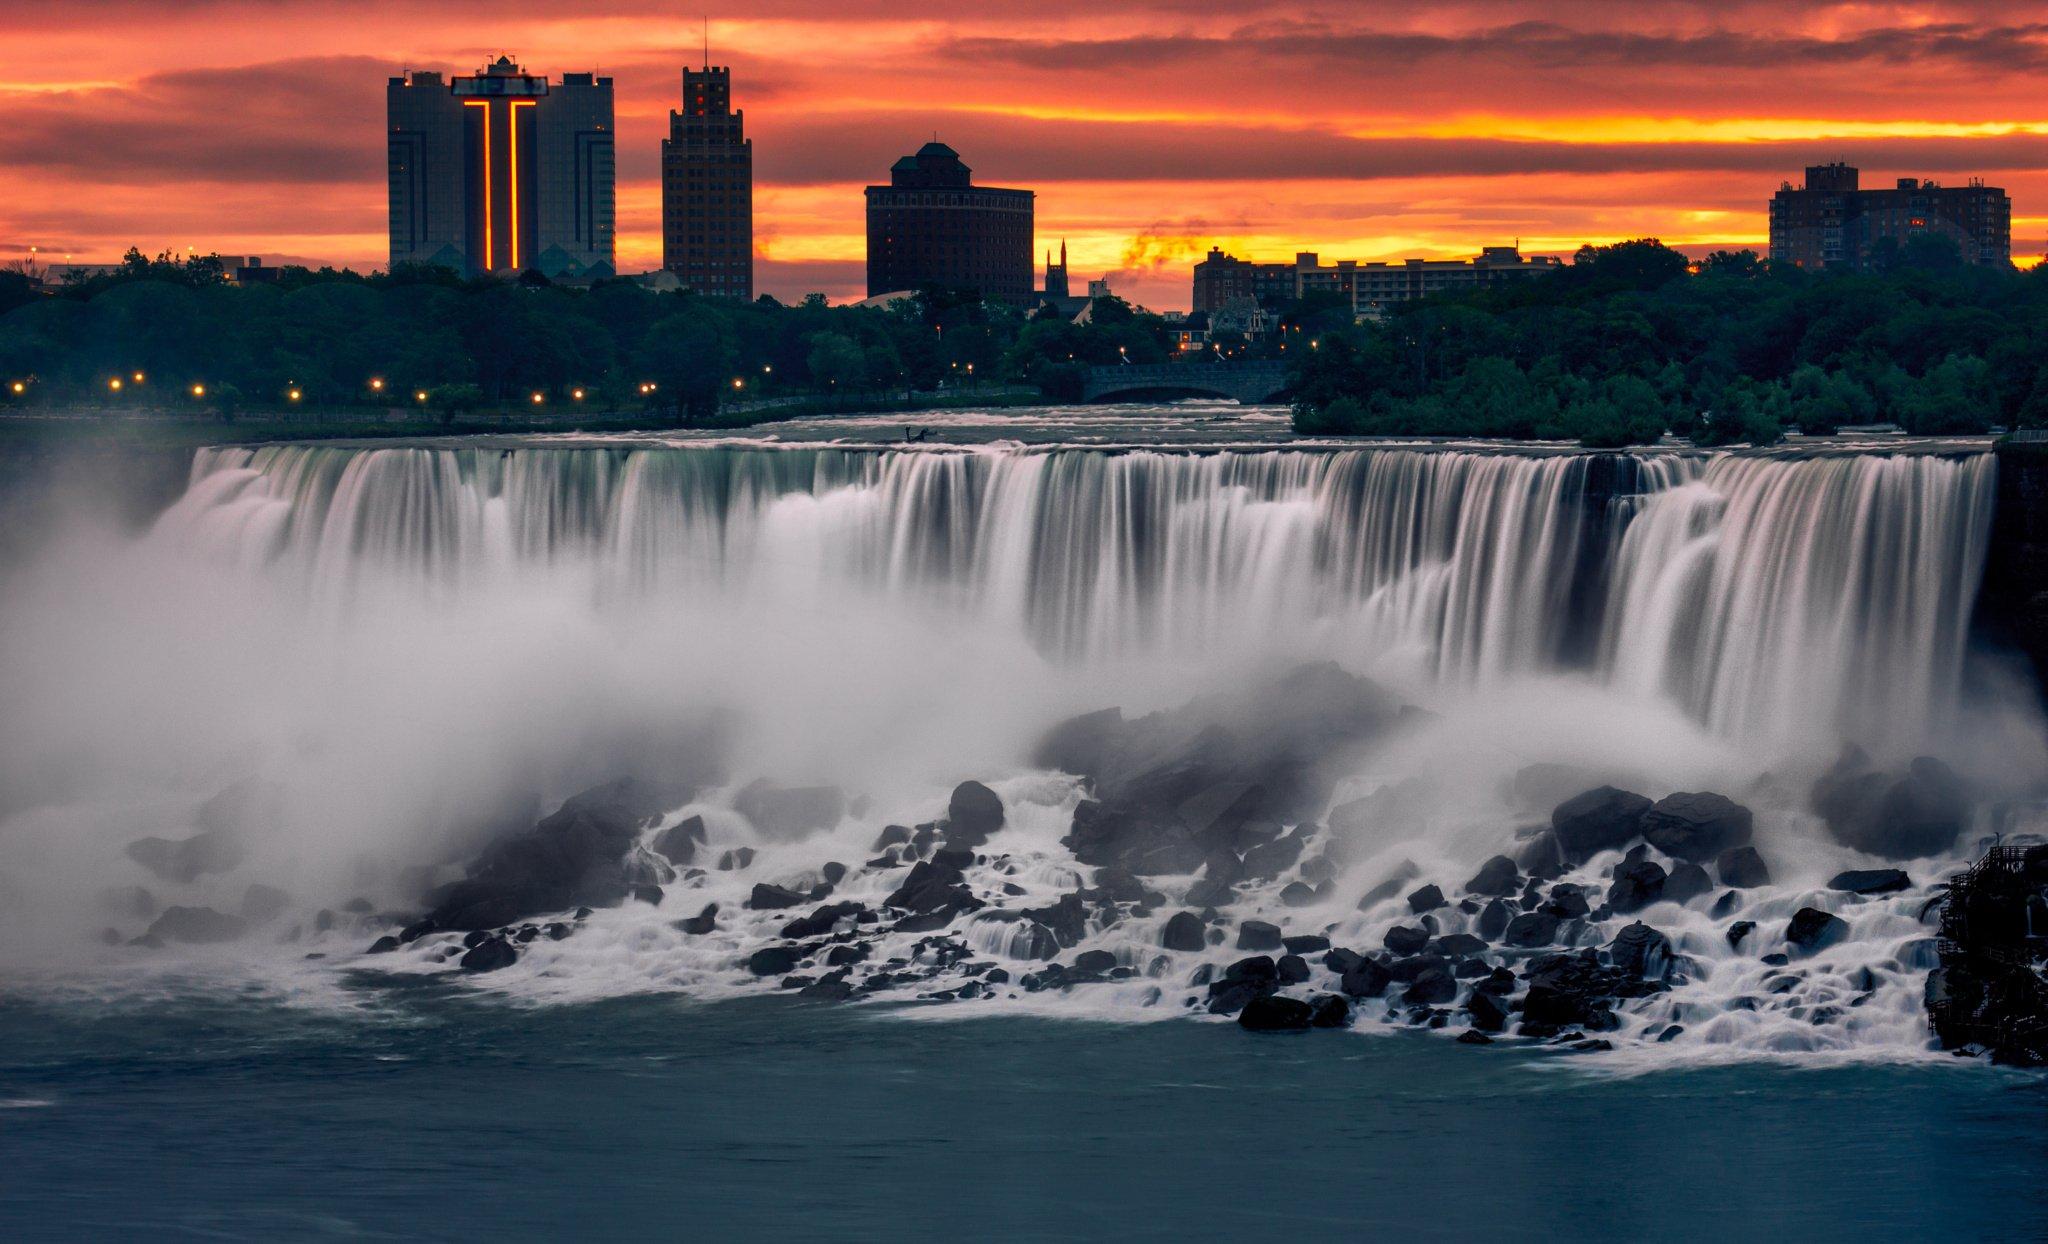 Niagara brampton escorts